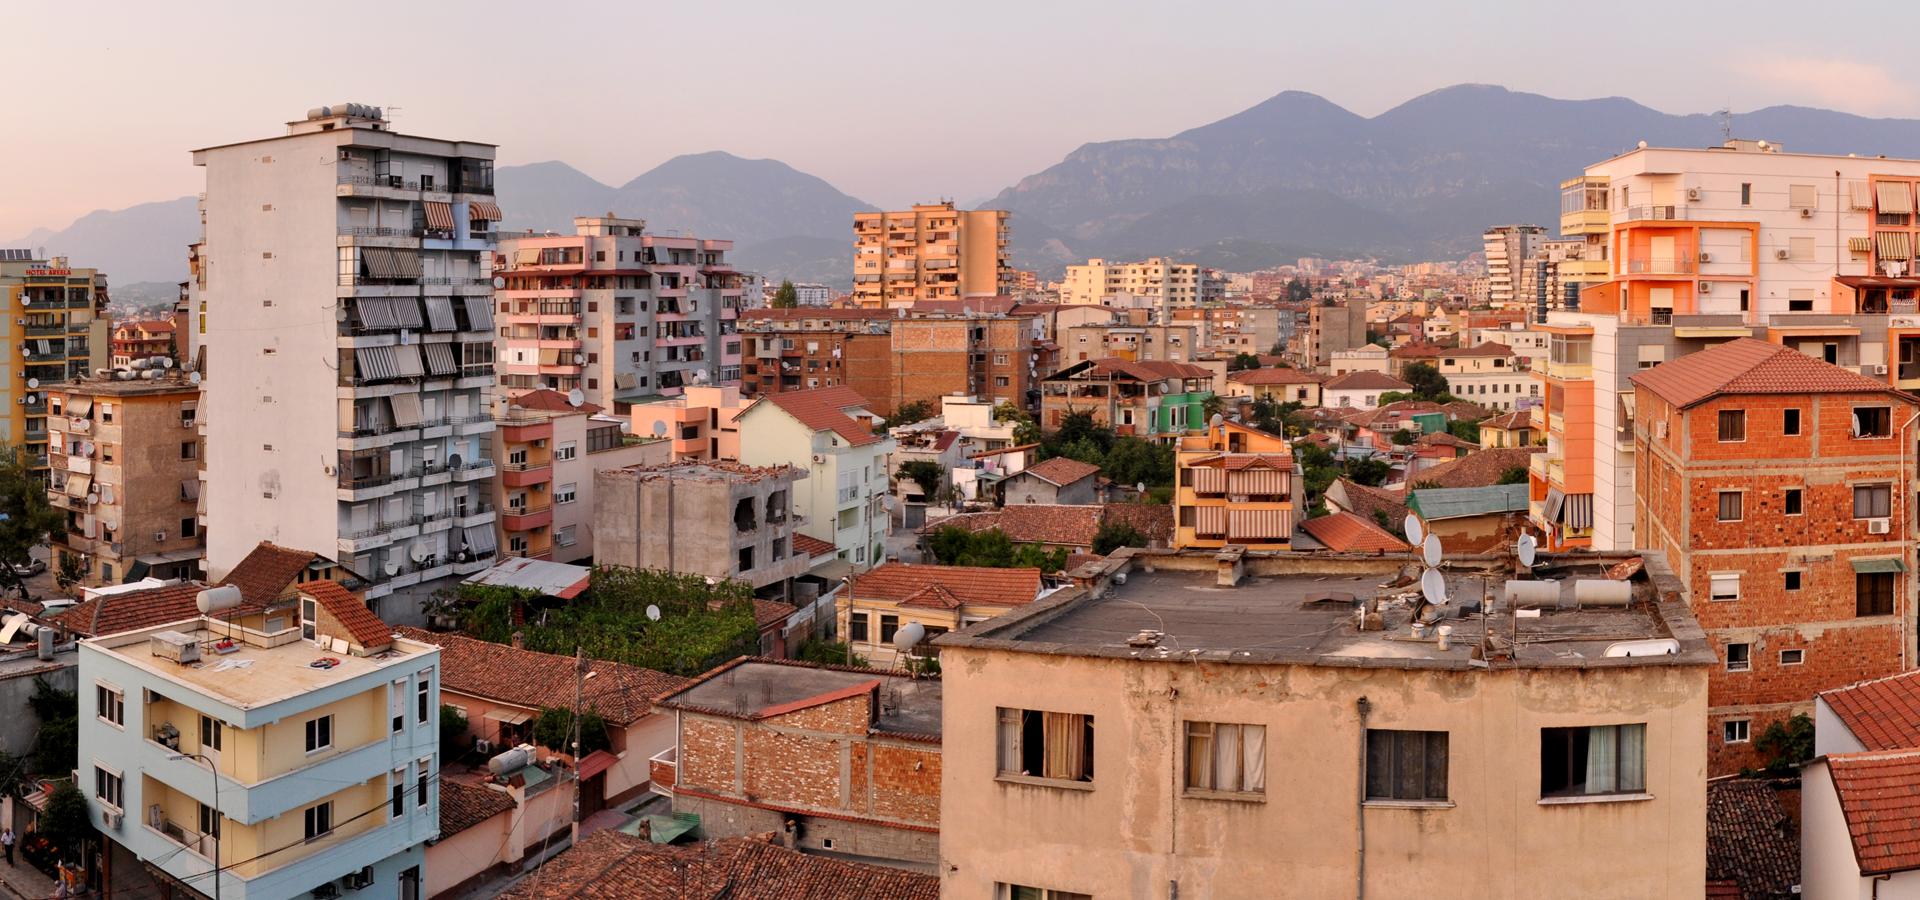 Peer-to-peer advisory in Tiranë, Qarku i Durrësit, Albania